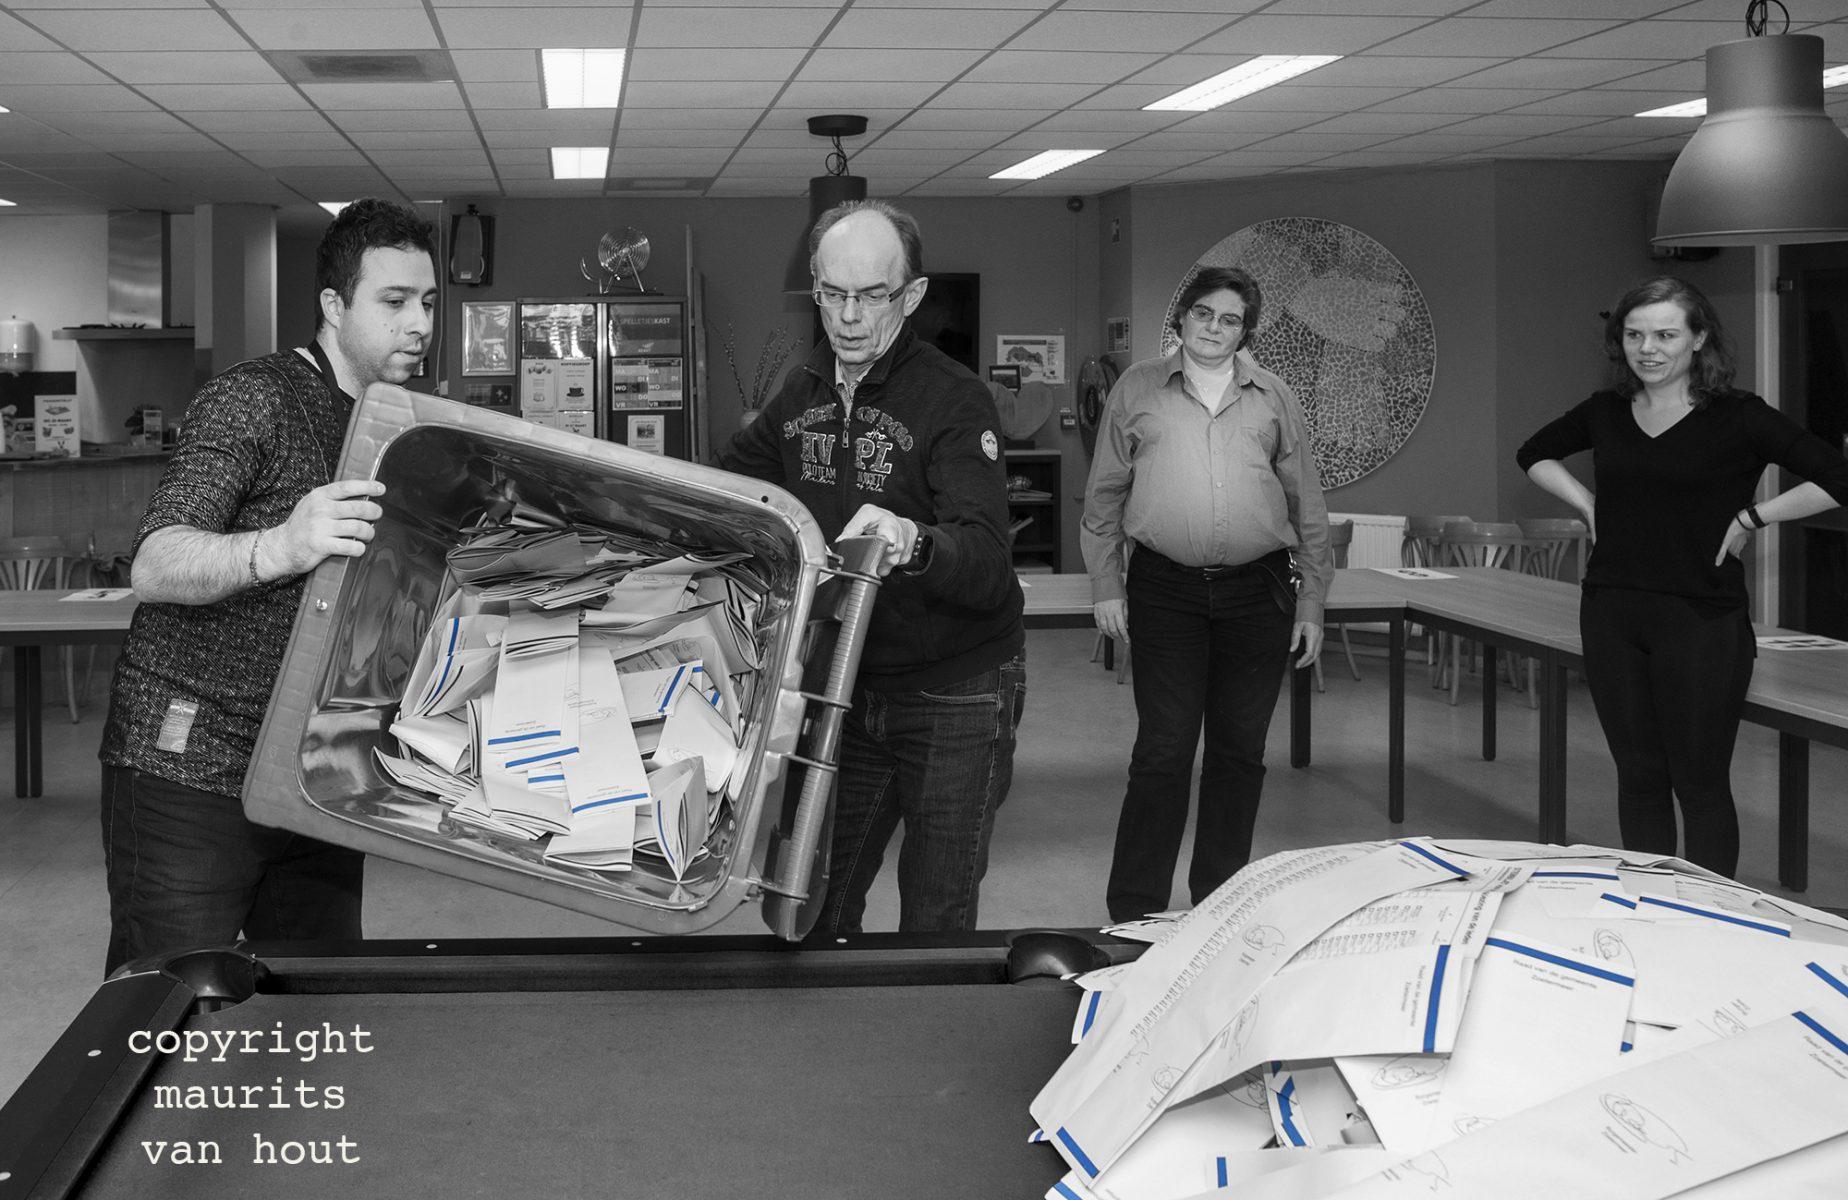 De containers met de stembiljetten worden geleegd.